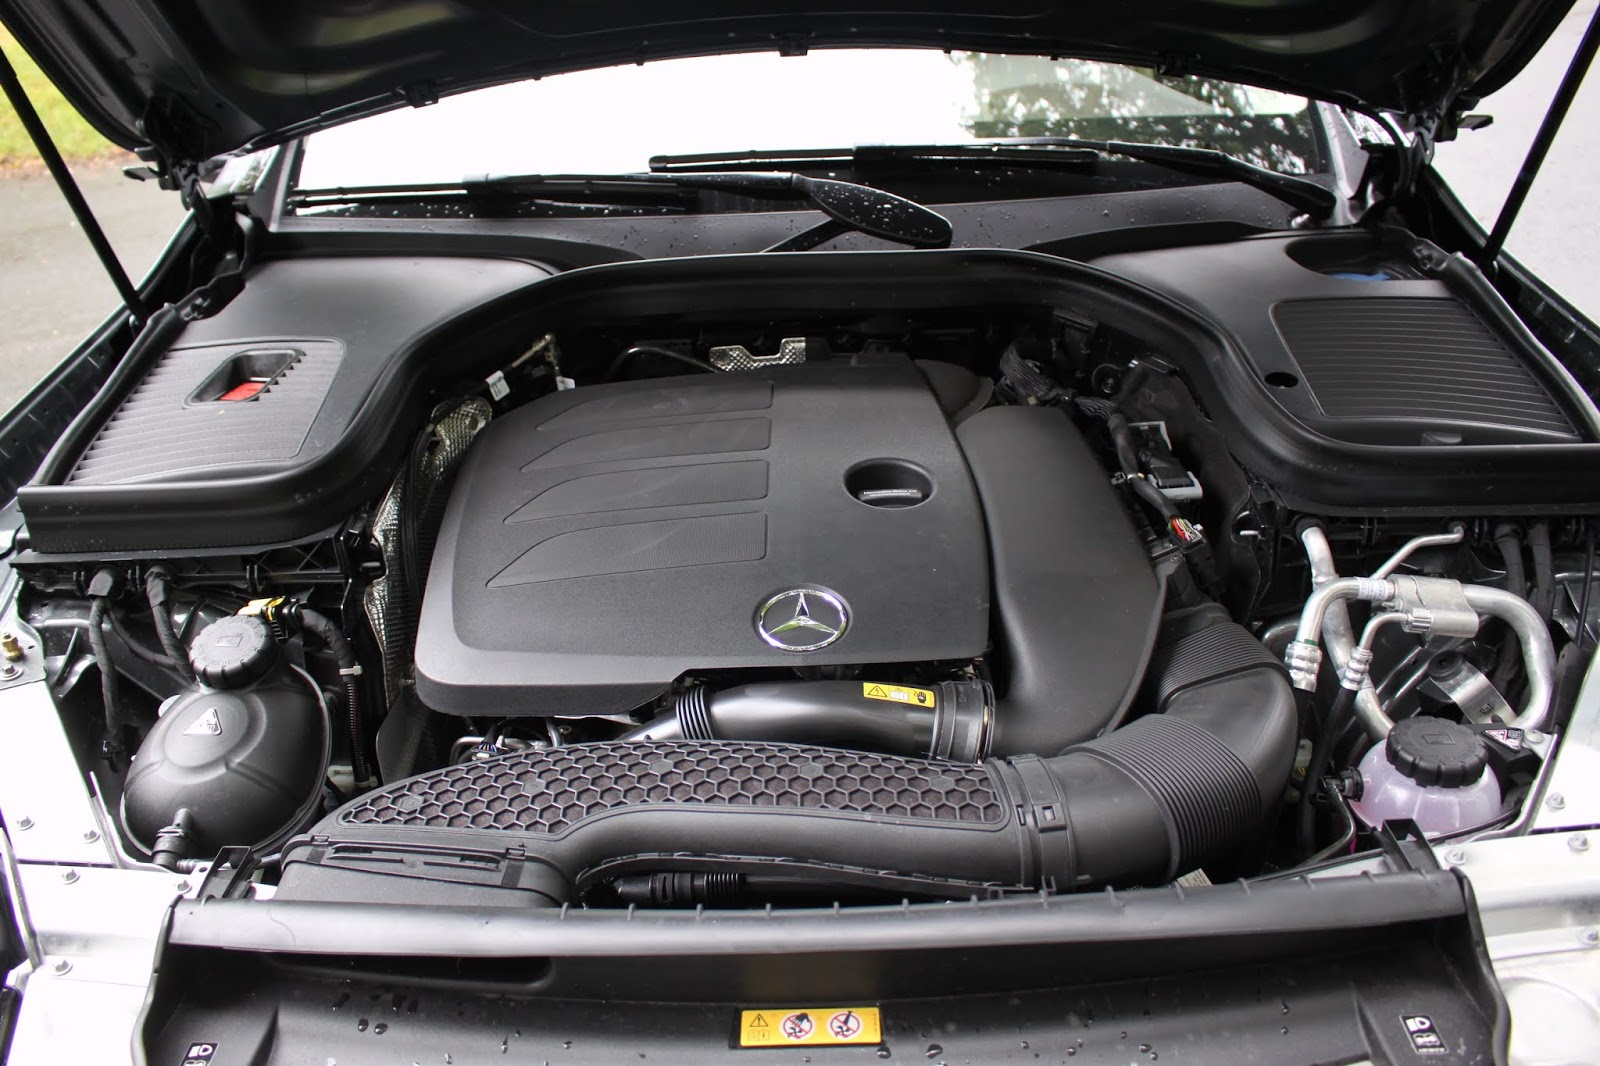 Carshighlight com - cars review, concept, Specs, Price: 2020